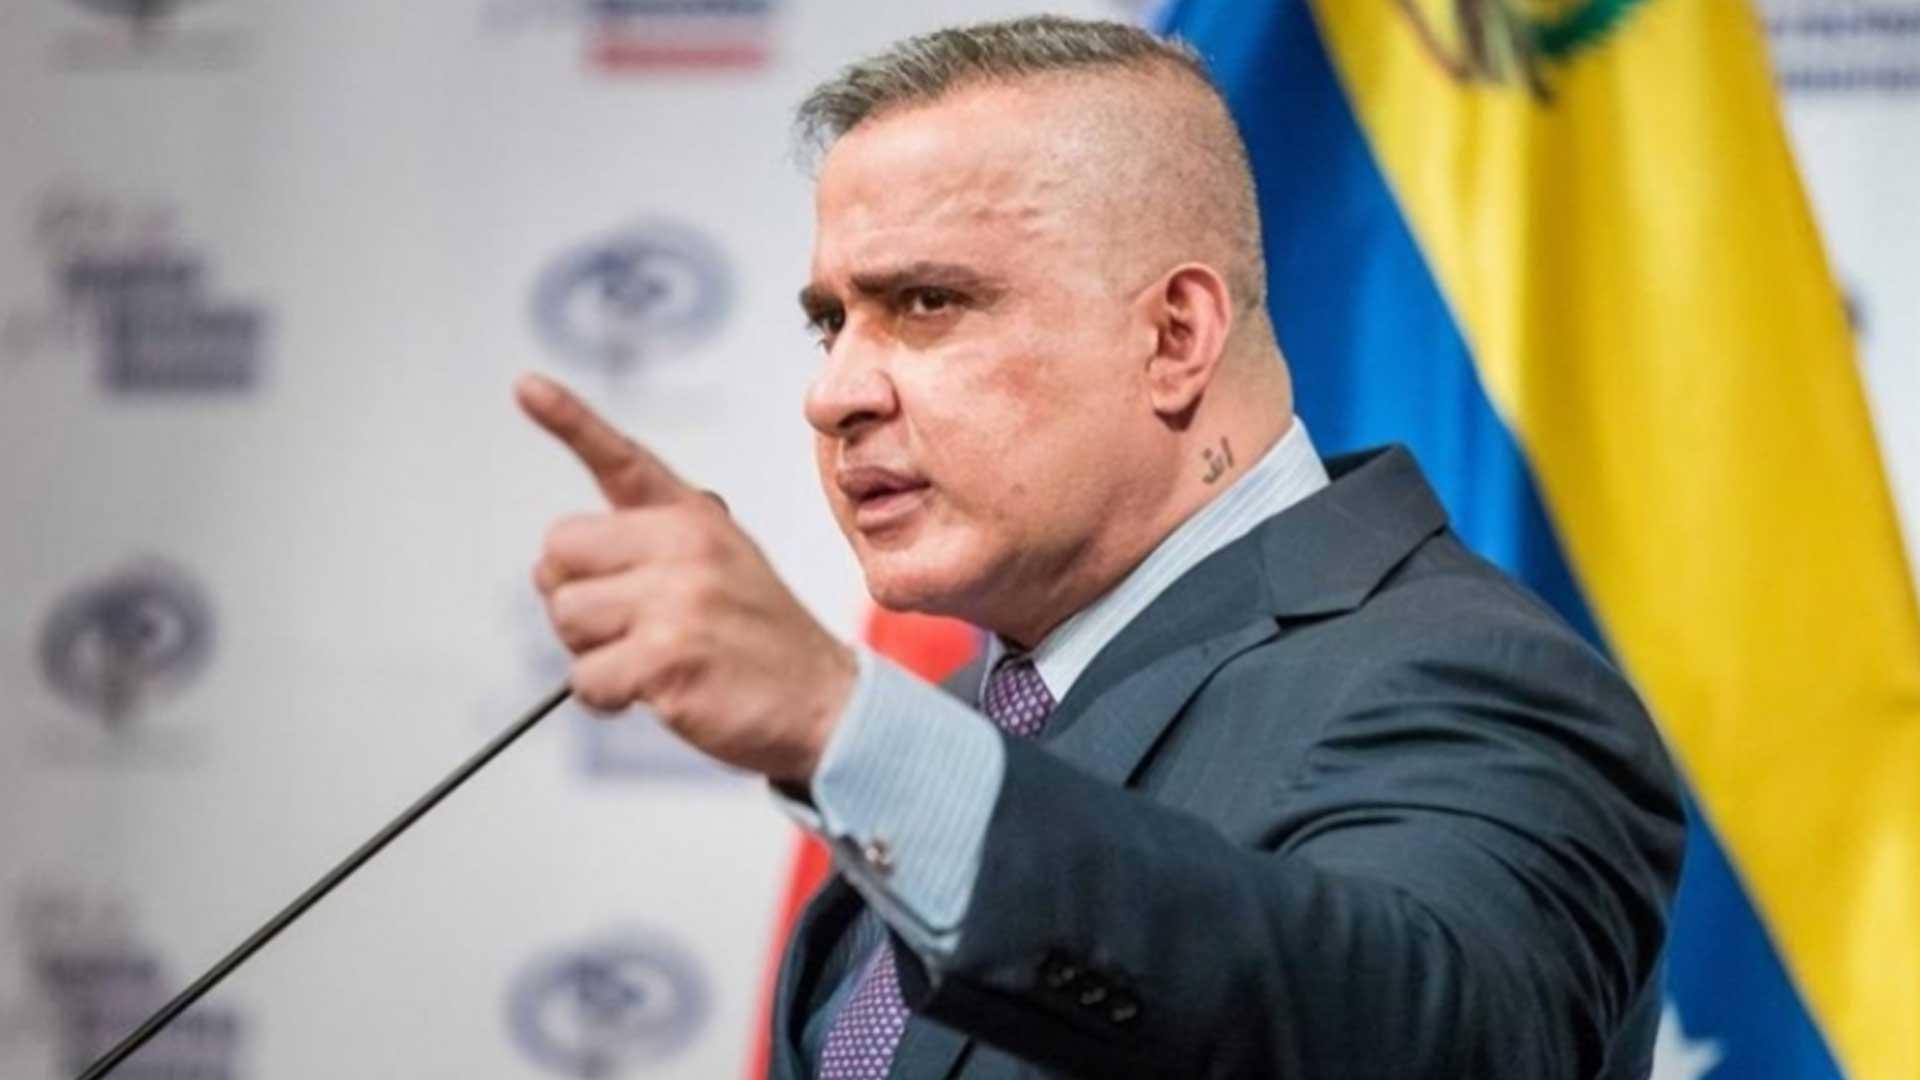 Saab asegura que EEUU y Colombia buscan aumentar ataques a Venezuela